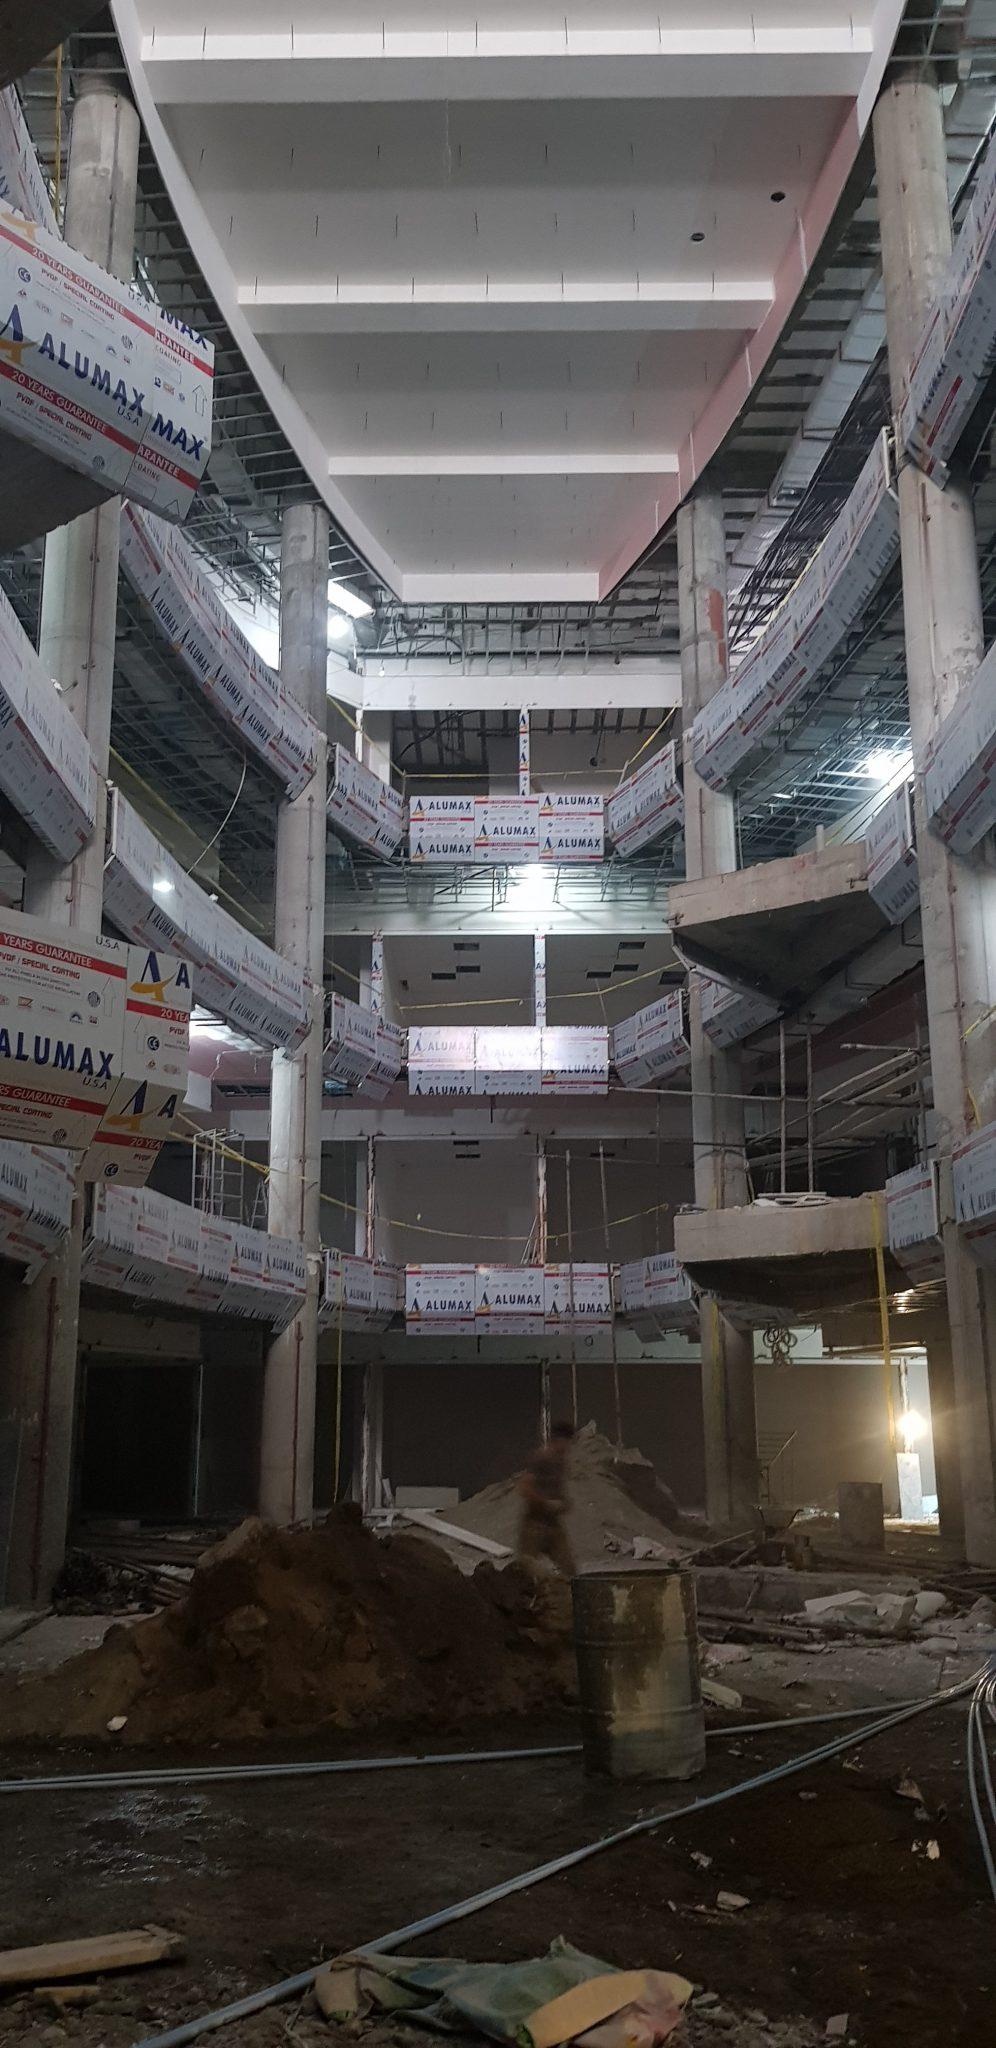 کامپوزیت نما - اتمام پروژه پاساژ تهرانسر